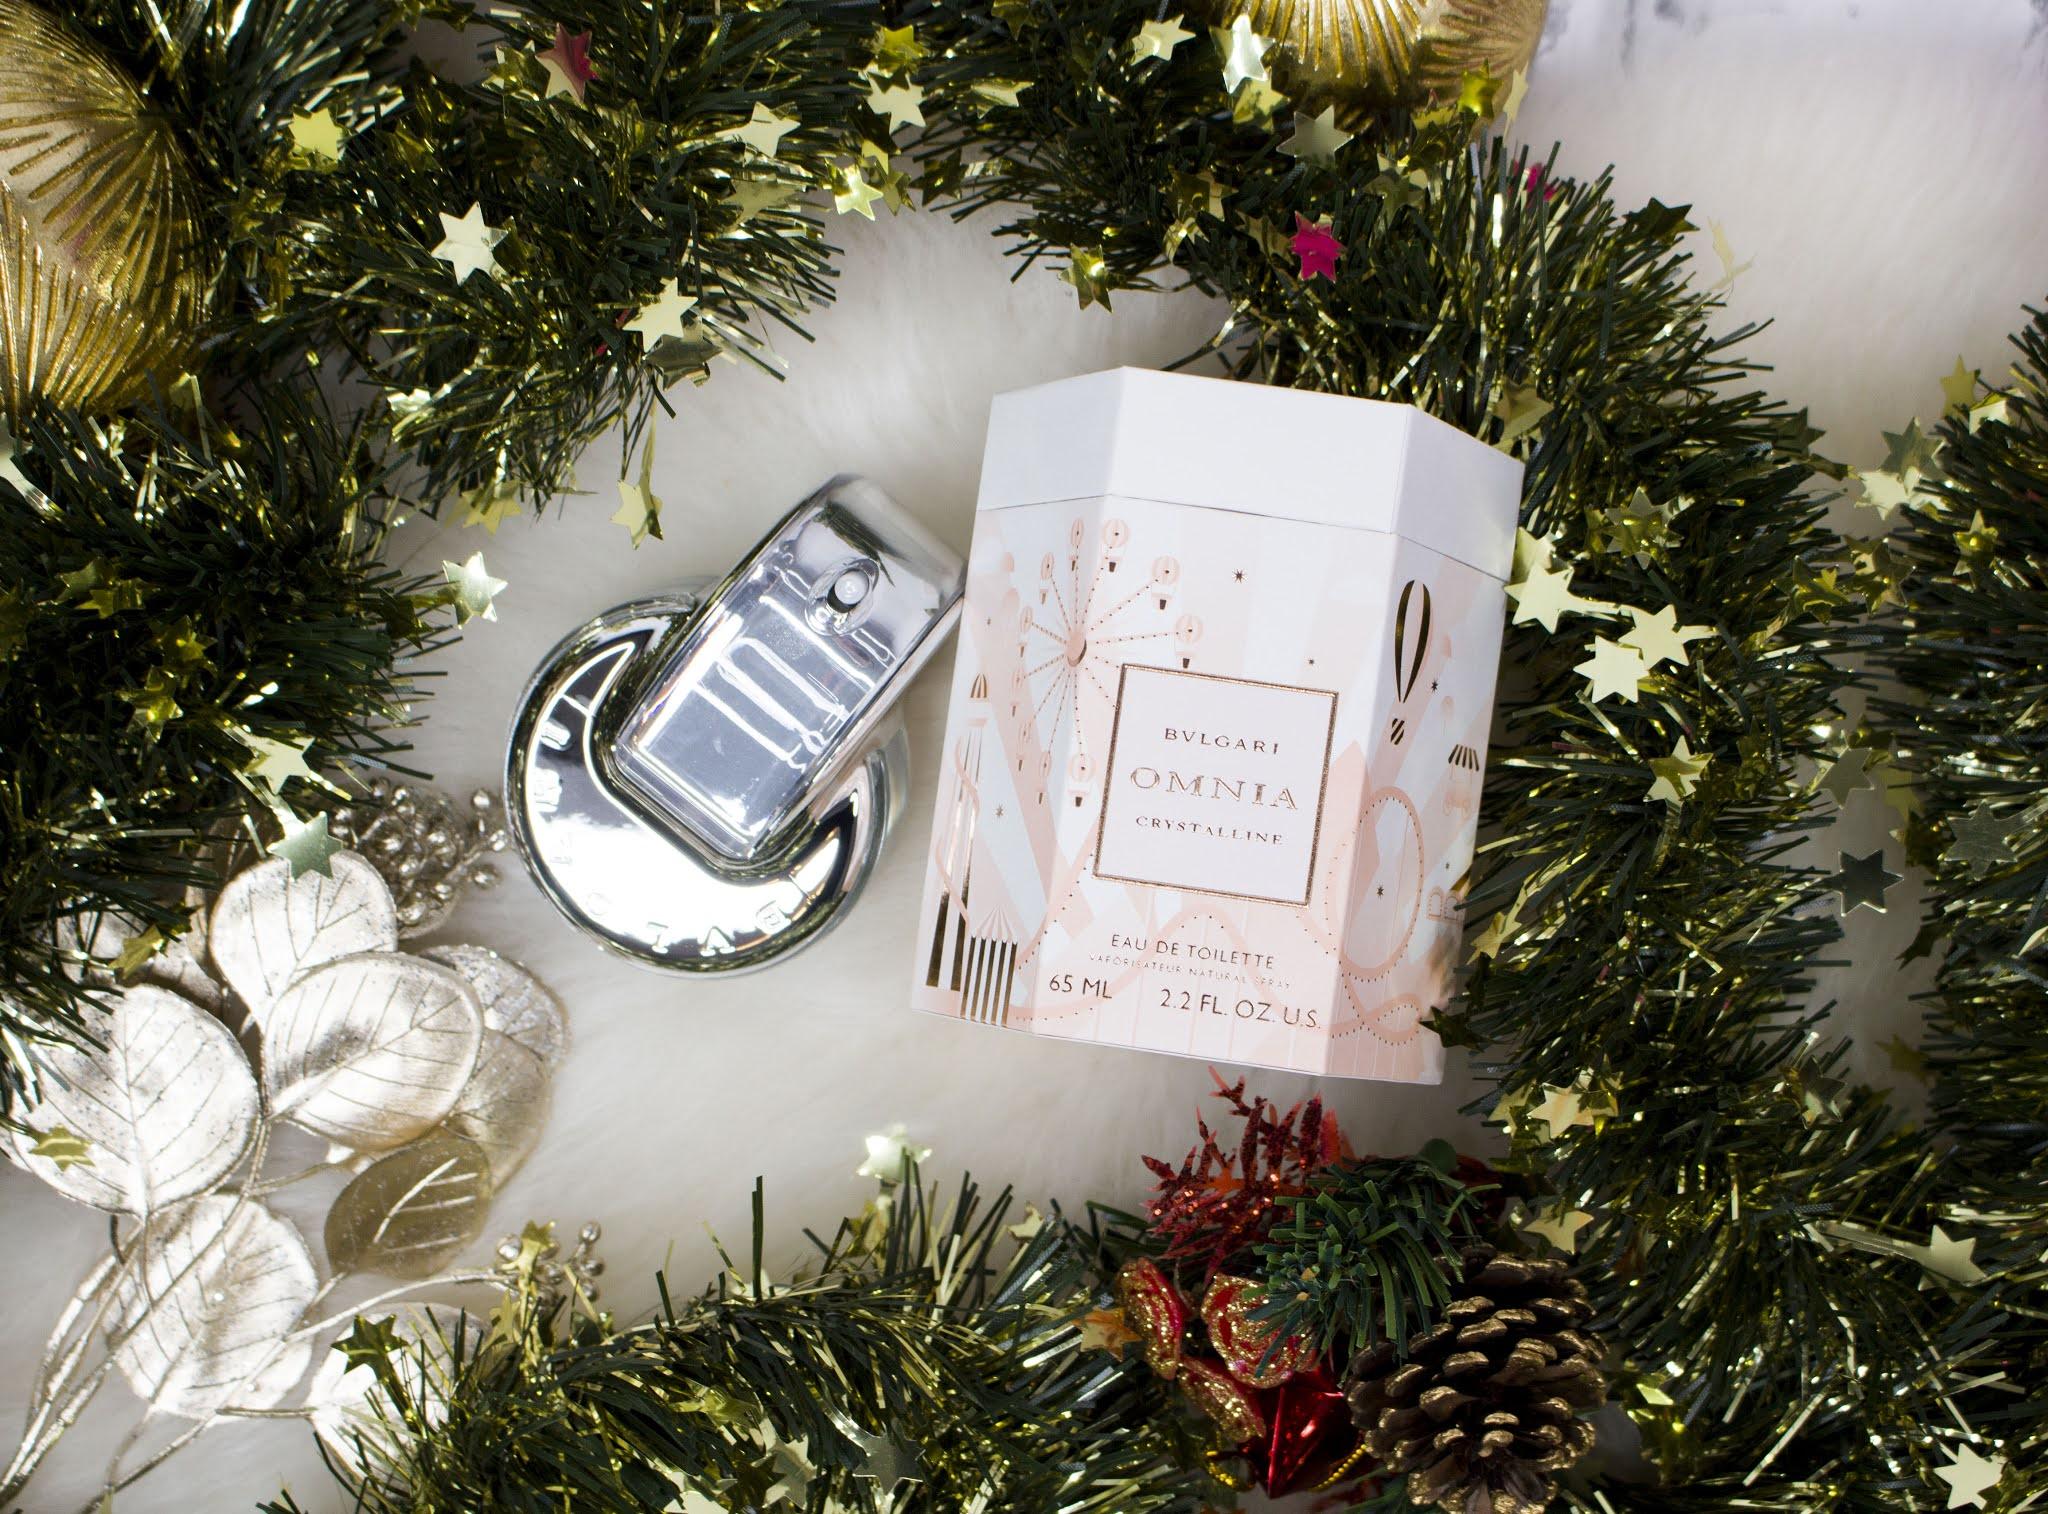 ideen für geschenke zu weihnachten empfehlungen für beauty produkte parfüms